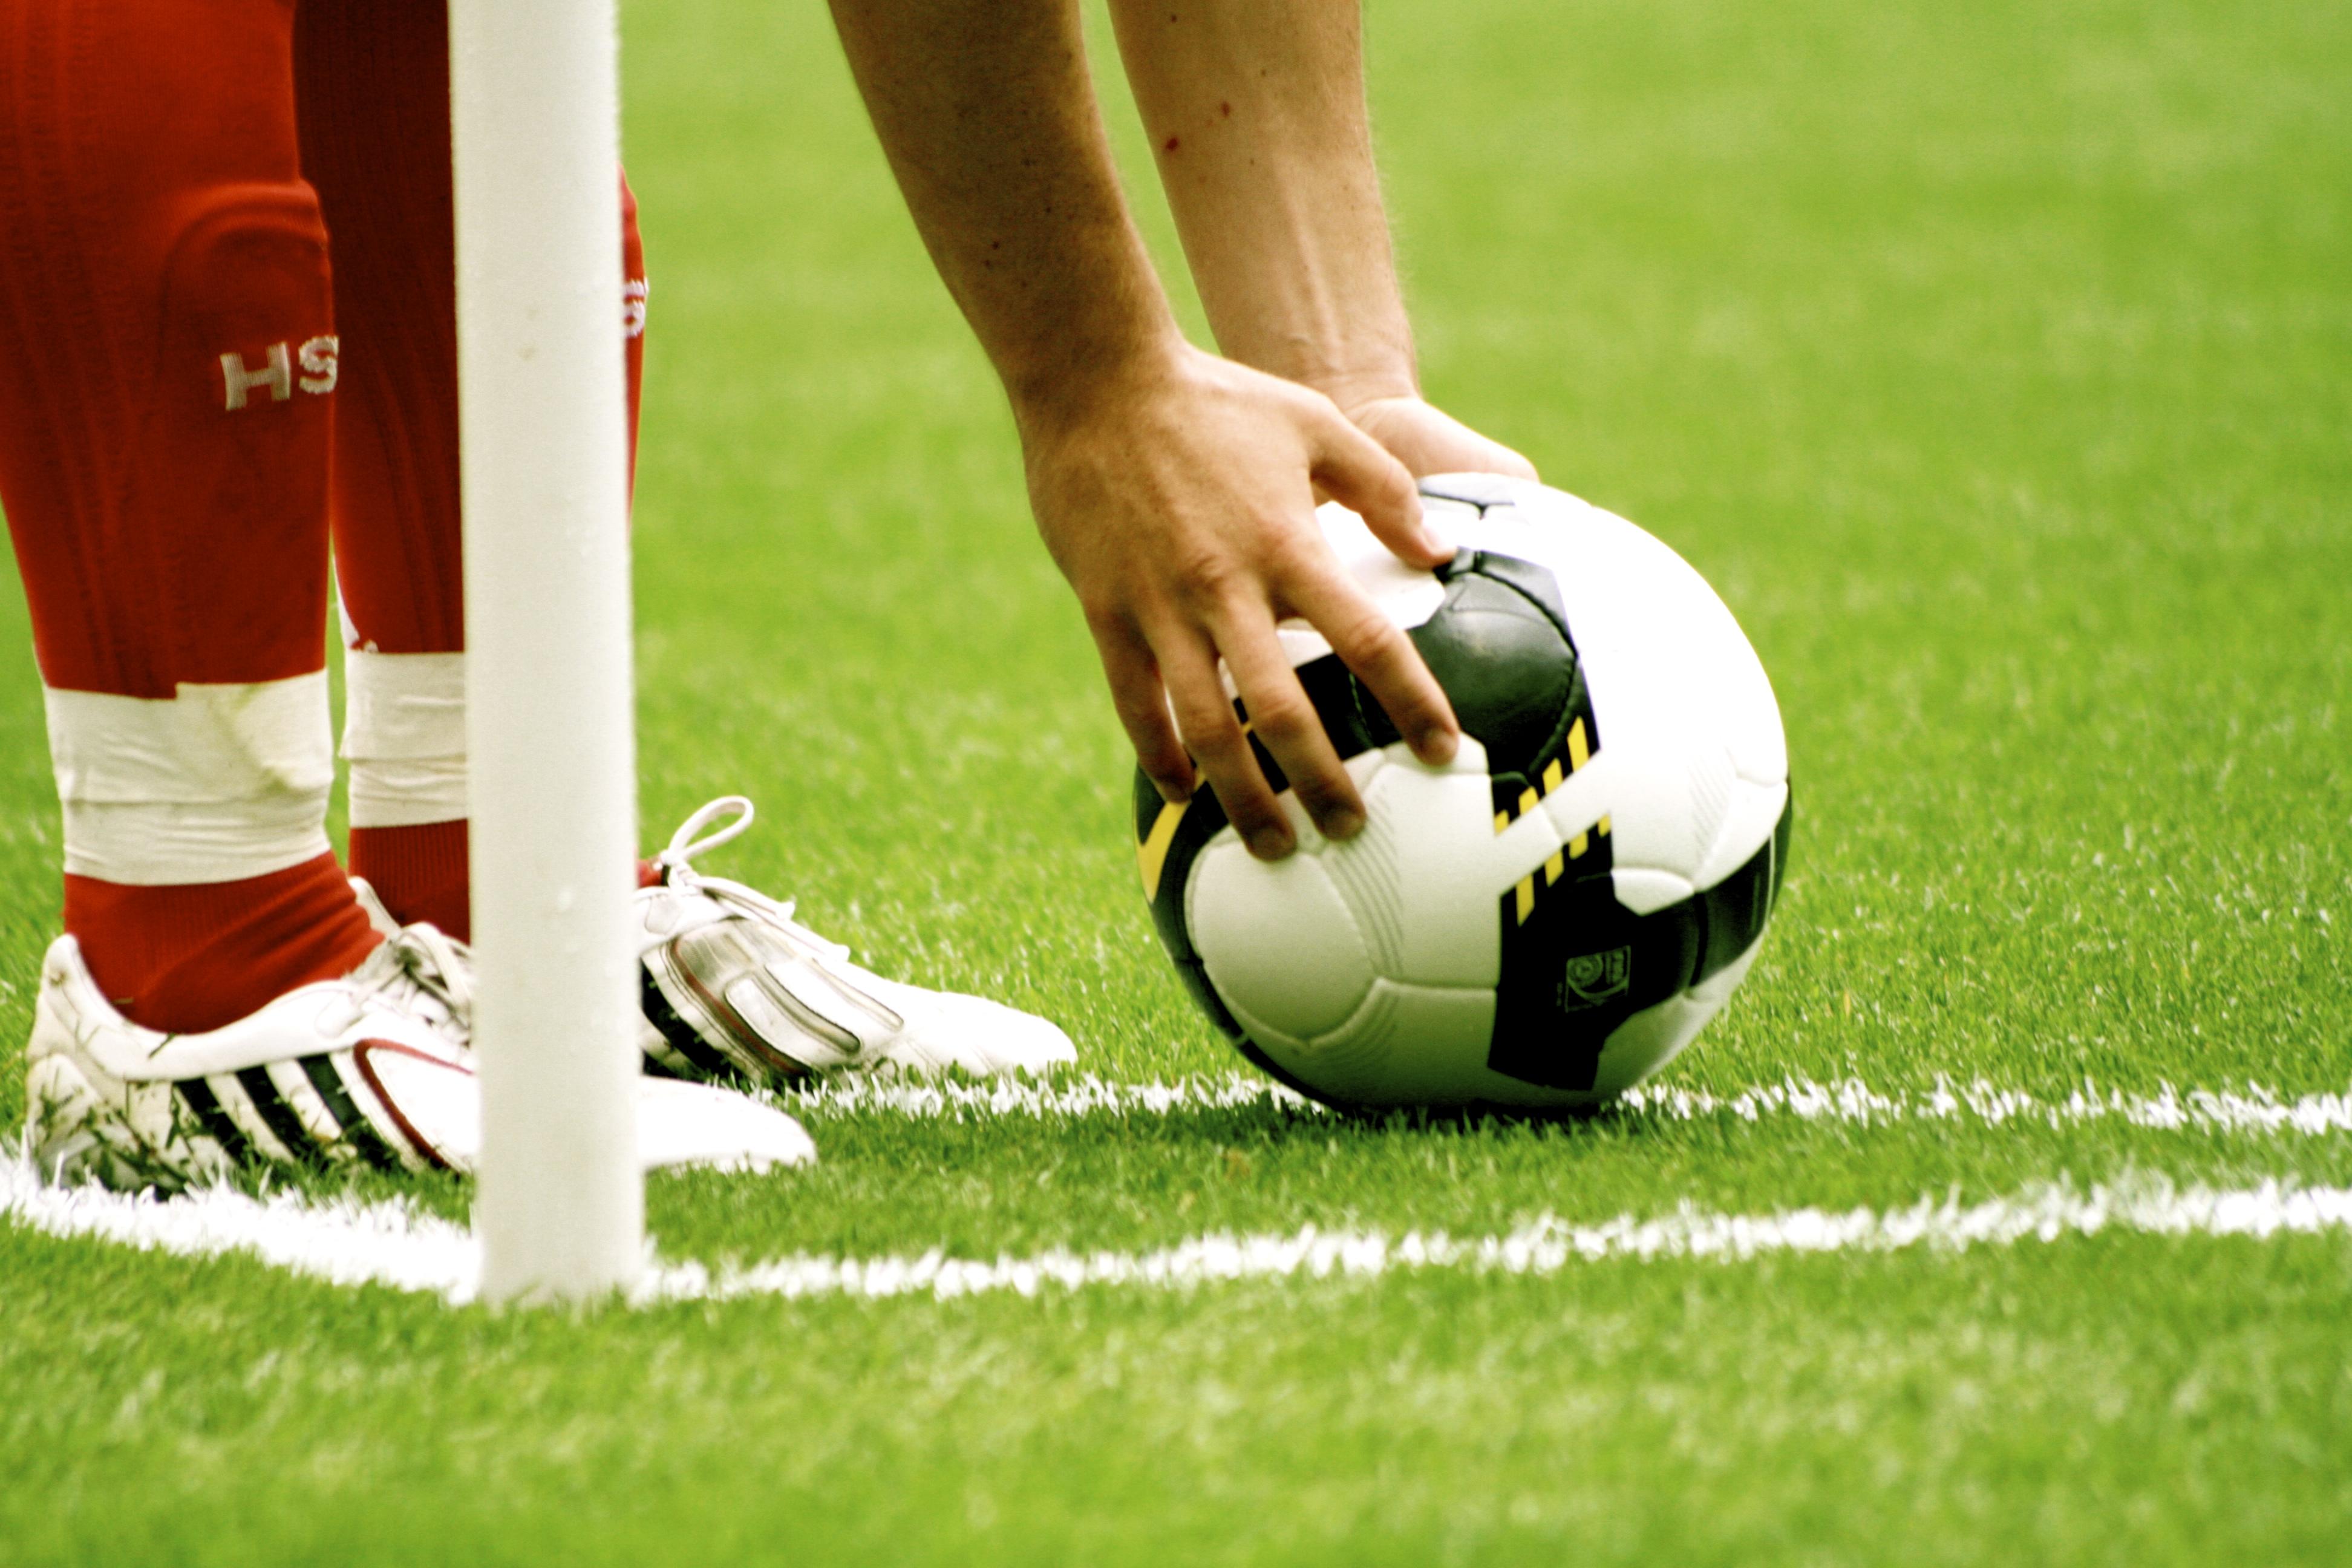 Fotball er et politisk spill om image